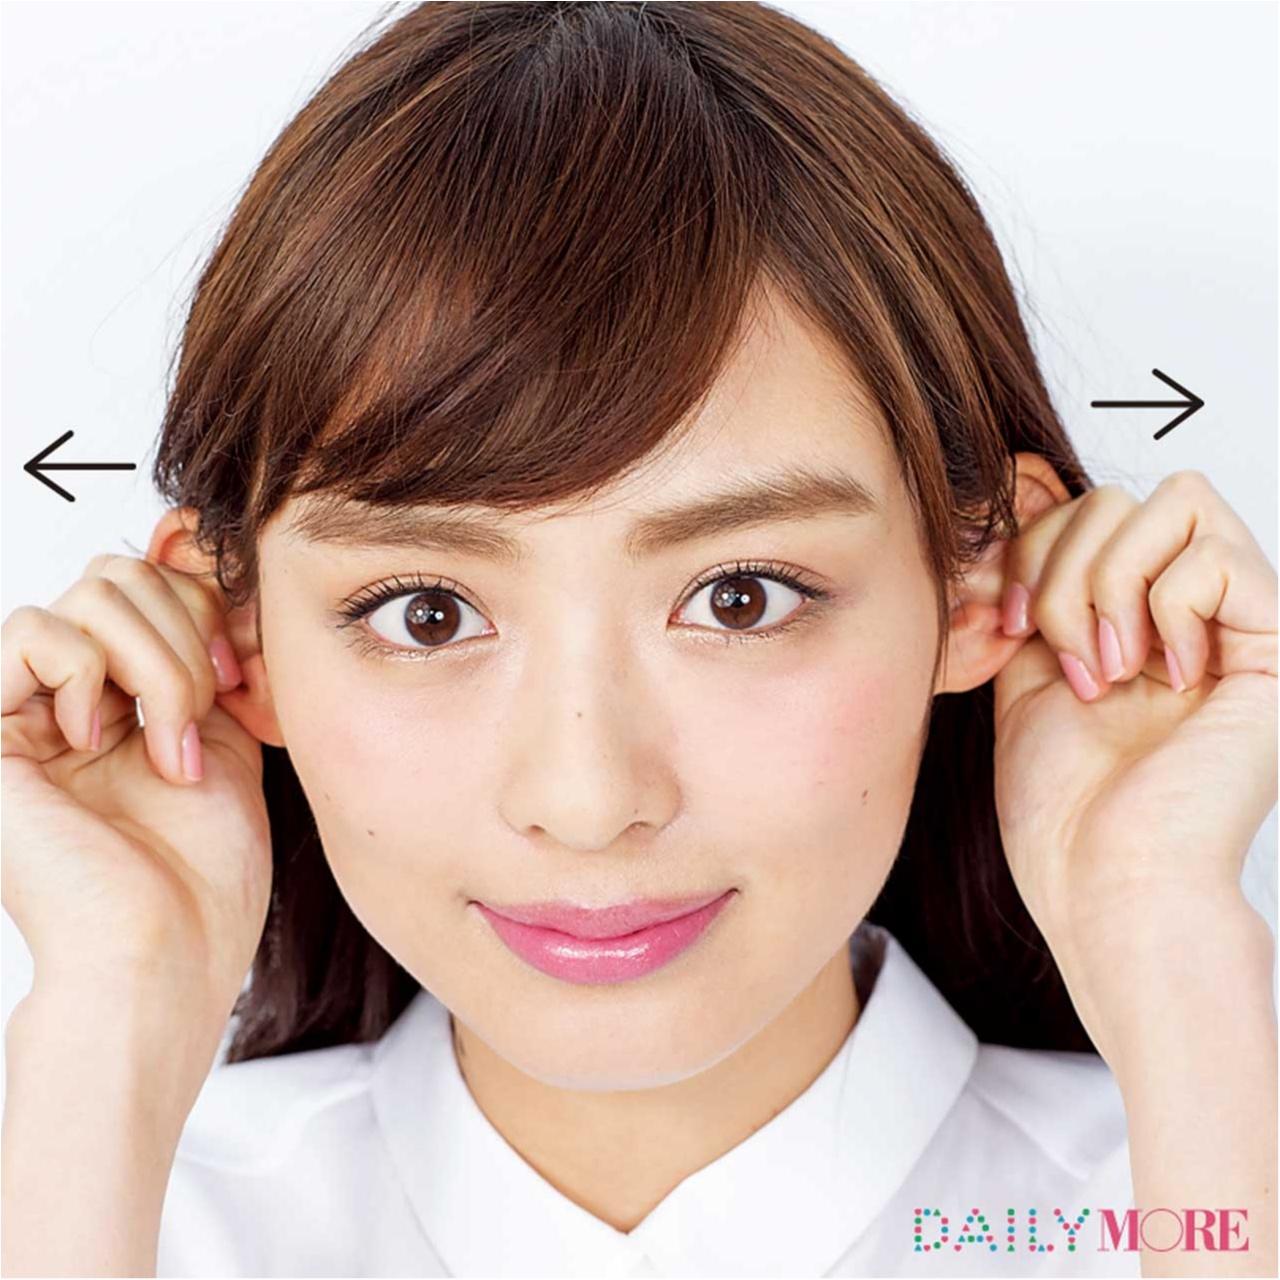 小顔マッサージ特集 - すぐにできる! むくみやたるみを解消してすっきり小顔を手に入れる方法_87